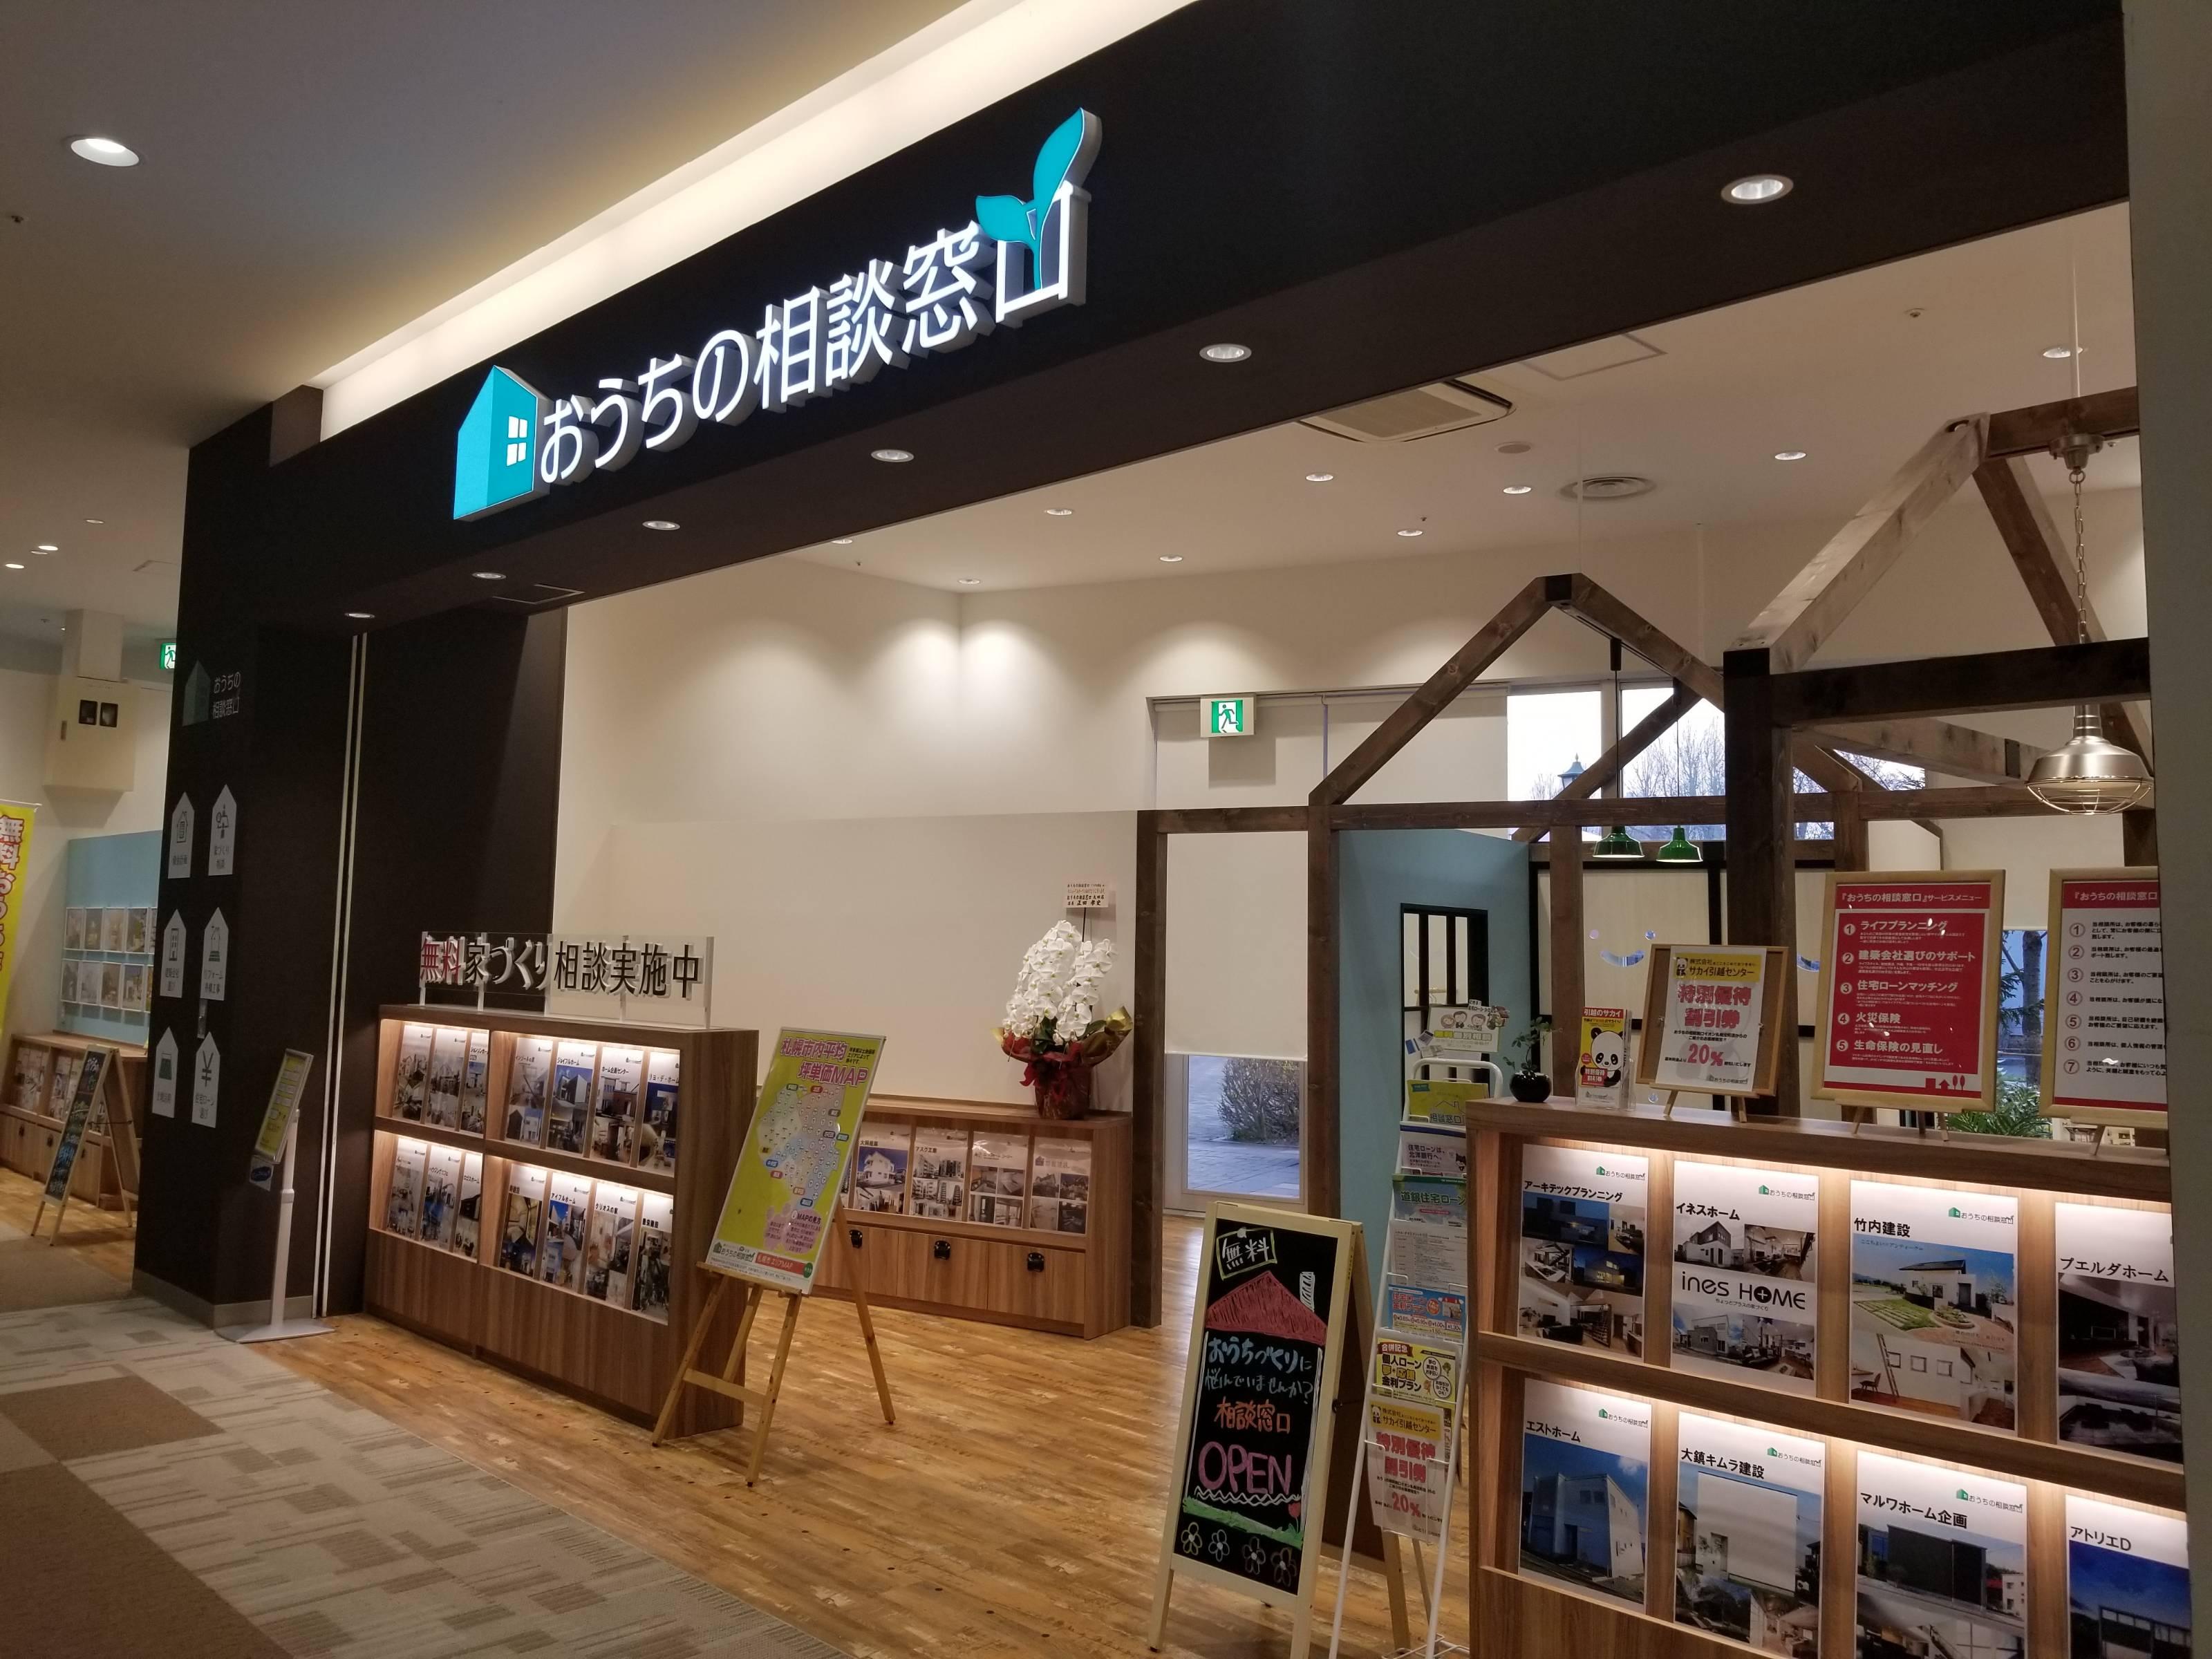 おうちの相談窓口 イオン元町店 アリオ札幌店